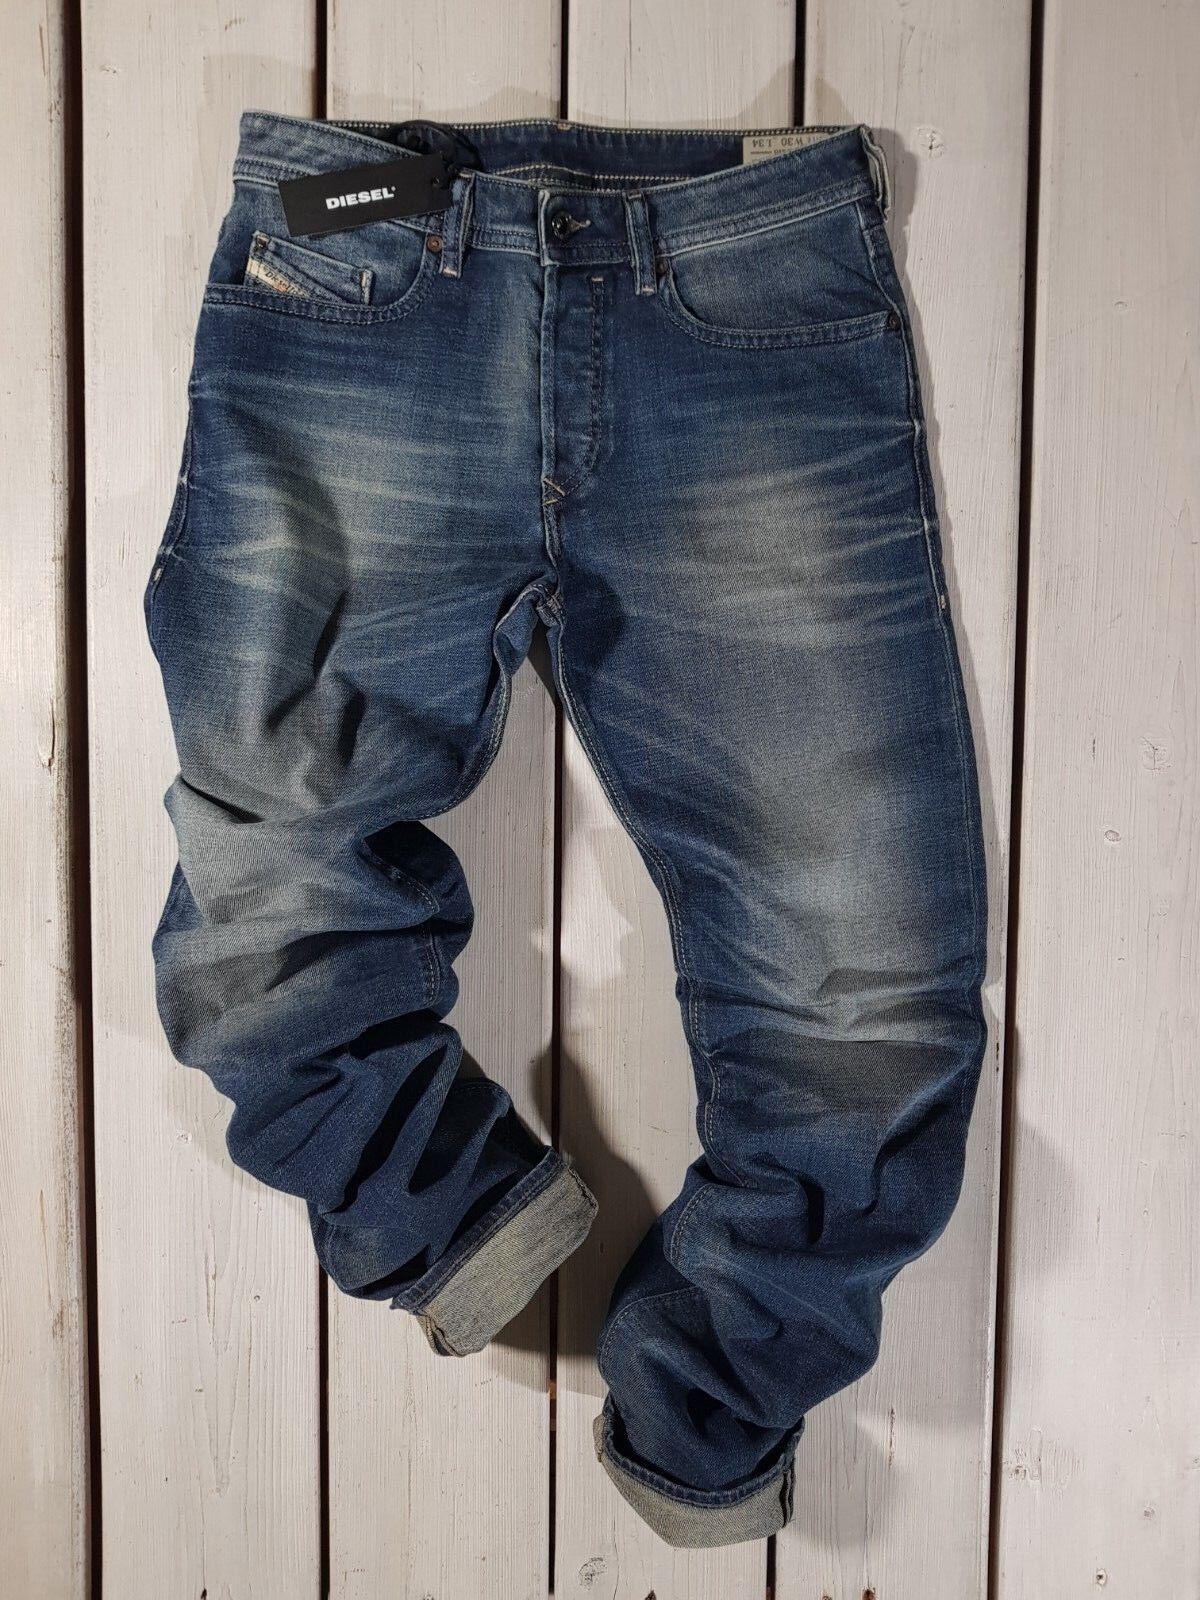 Prix de Vente Recomhommedé Neuf Diesel HOMME Jeans Sculptant 0850k Régulier